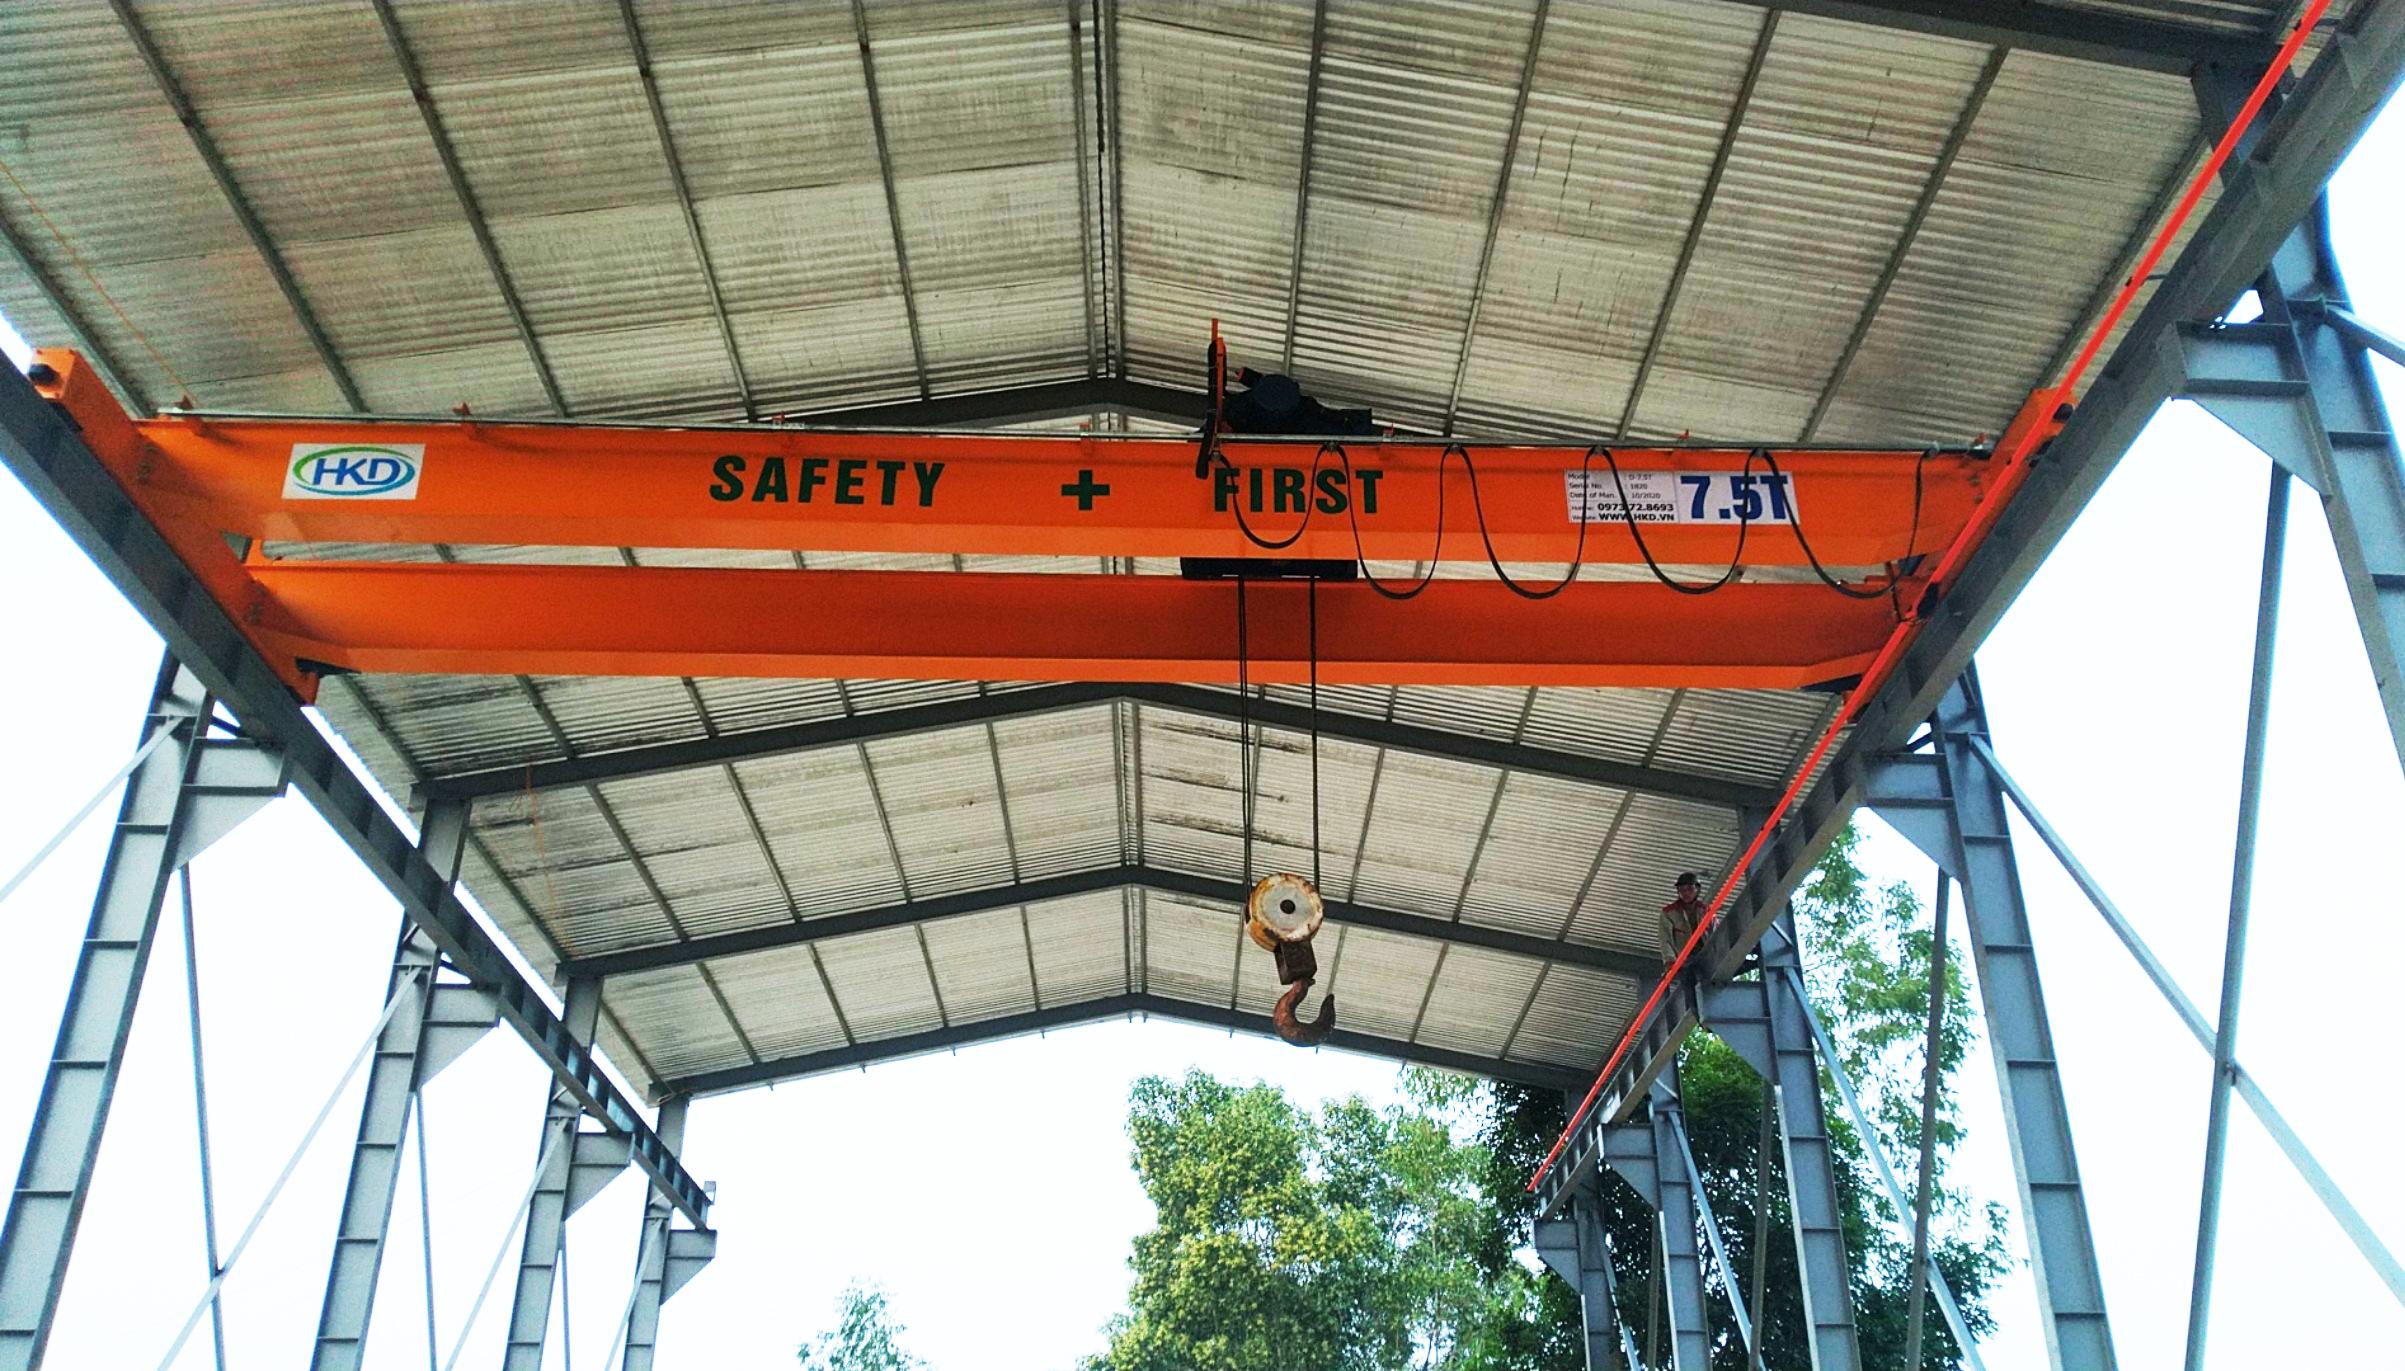 Cầu trục dầm đôi 7.5 tấn HKD cung cấp